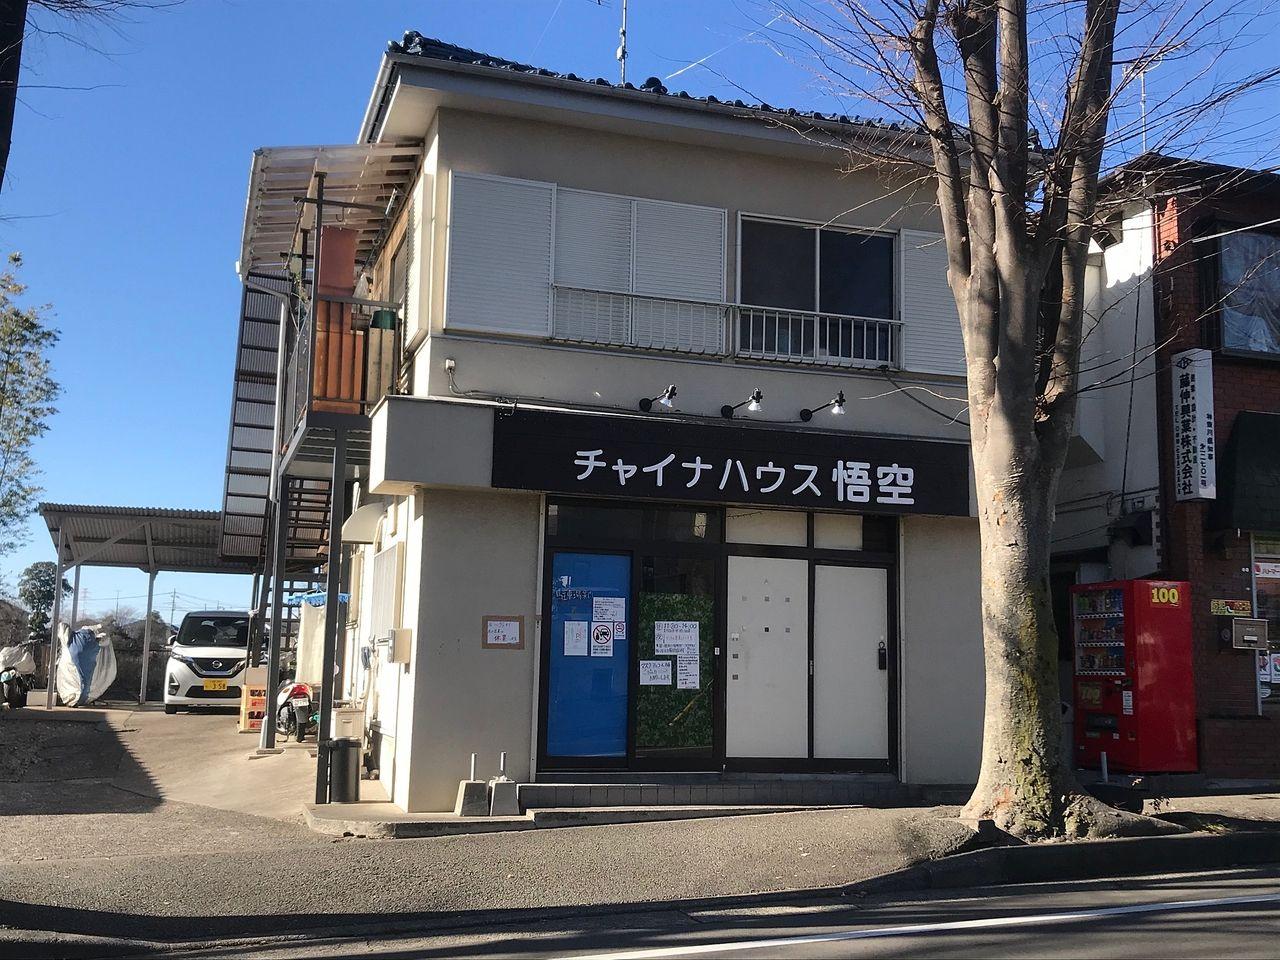 チャイナハウス悟空さん、緊急事態宣言解除により営業再開予定!